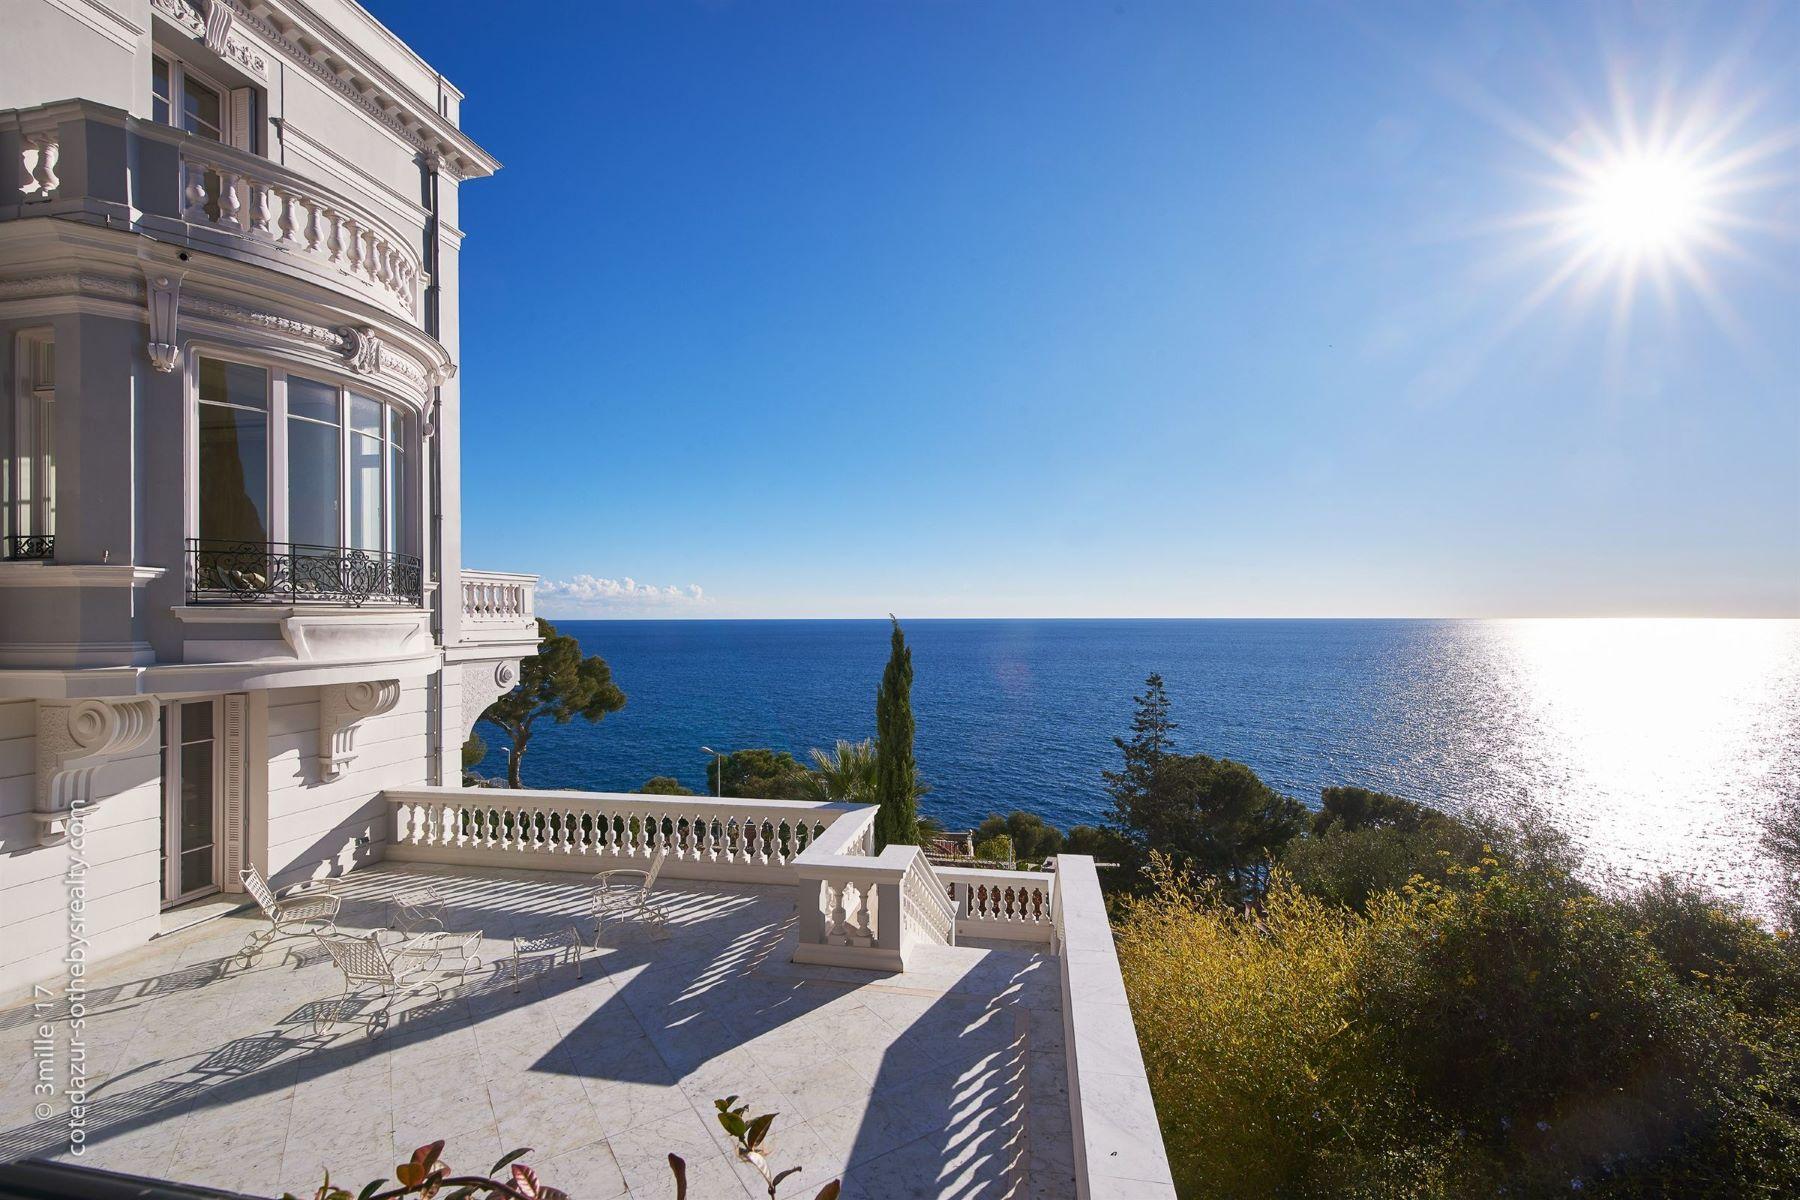 Single Family Home for Sale at Prestigious Belle-Époque mansion Cap D'Ail, Provence-Alpes-Cote D'Azur 06320 France